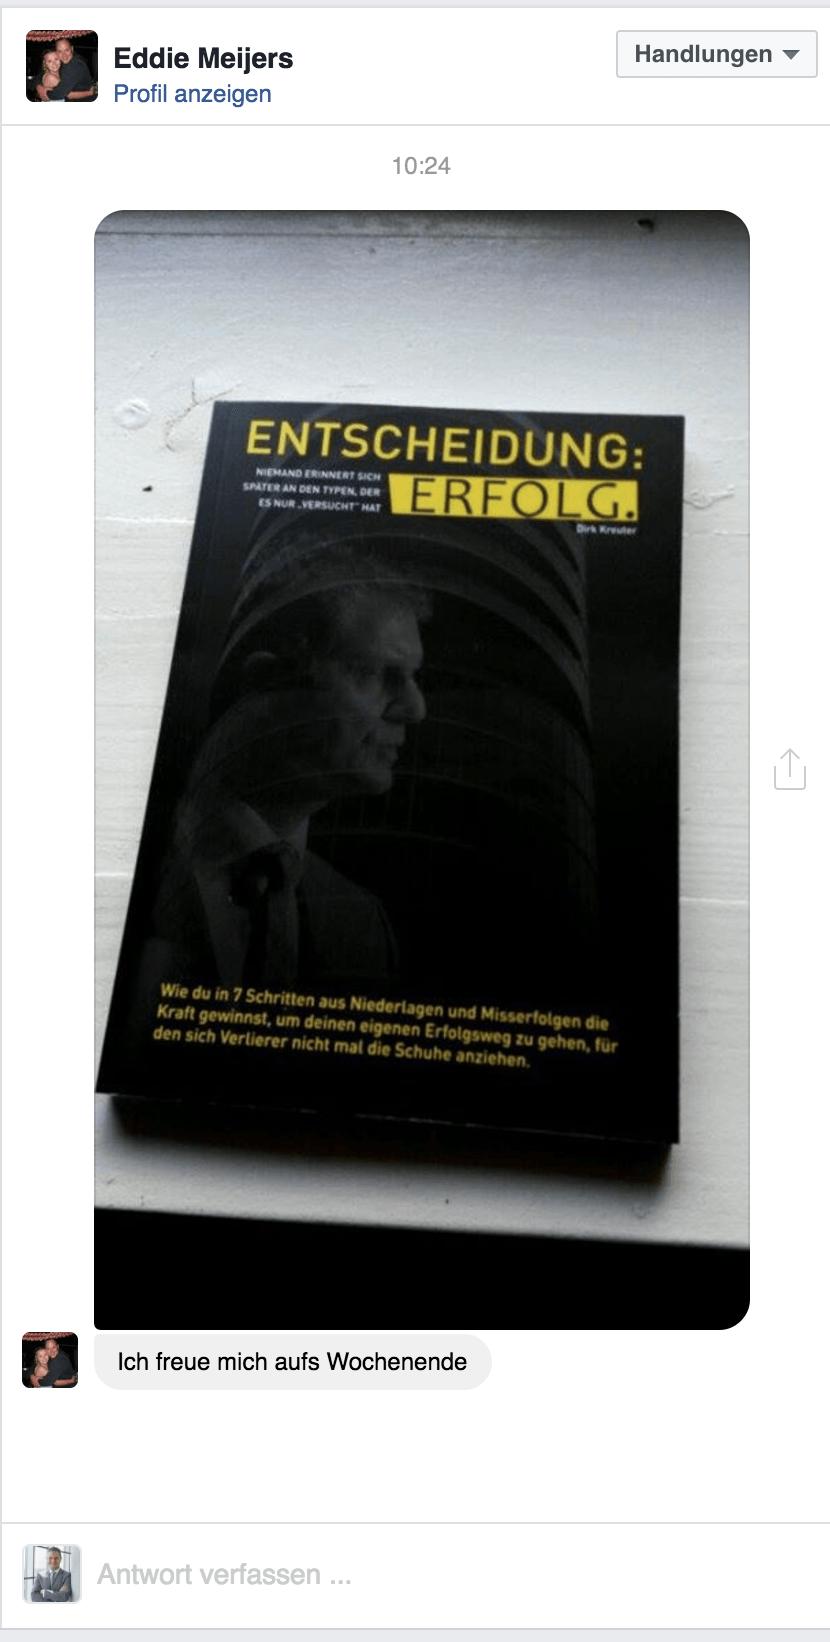 Kostenloses Buch- Entscheidung: Erfolg von Dirk Kreuter